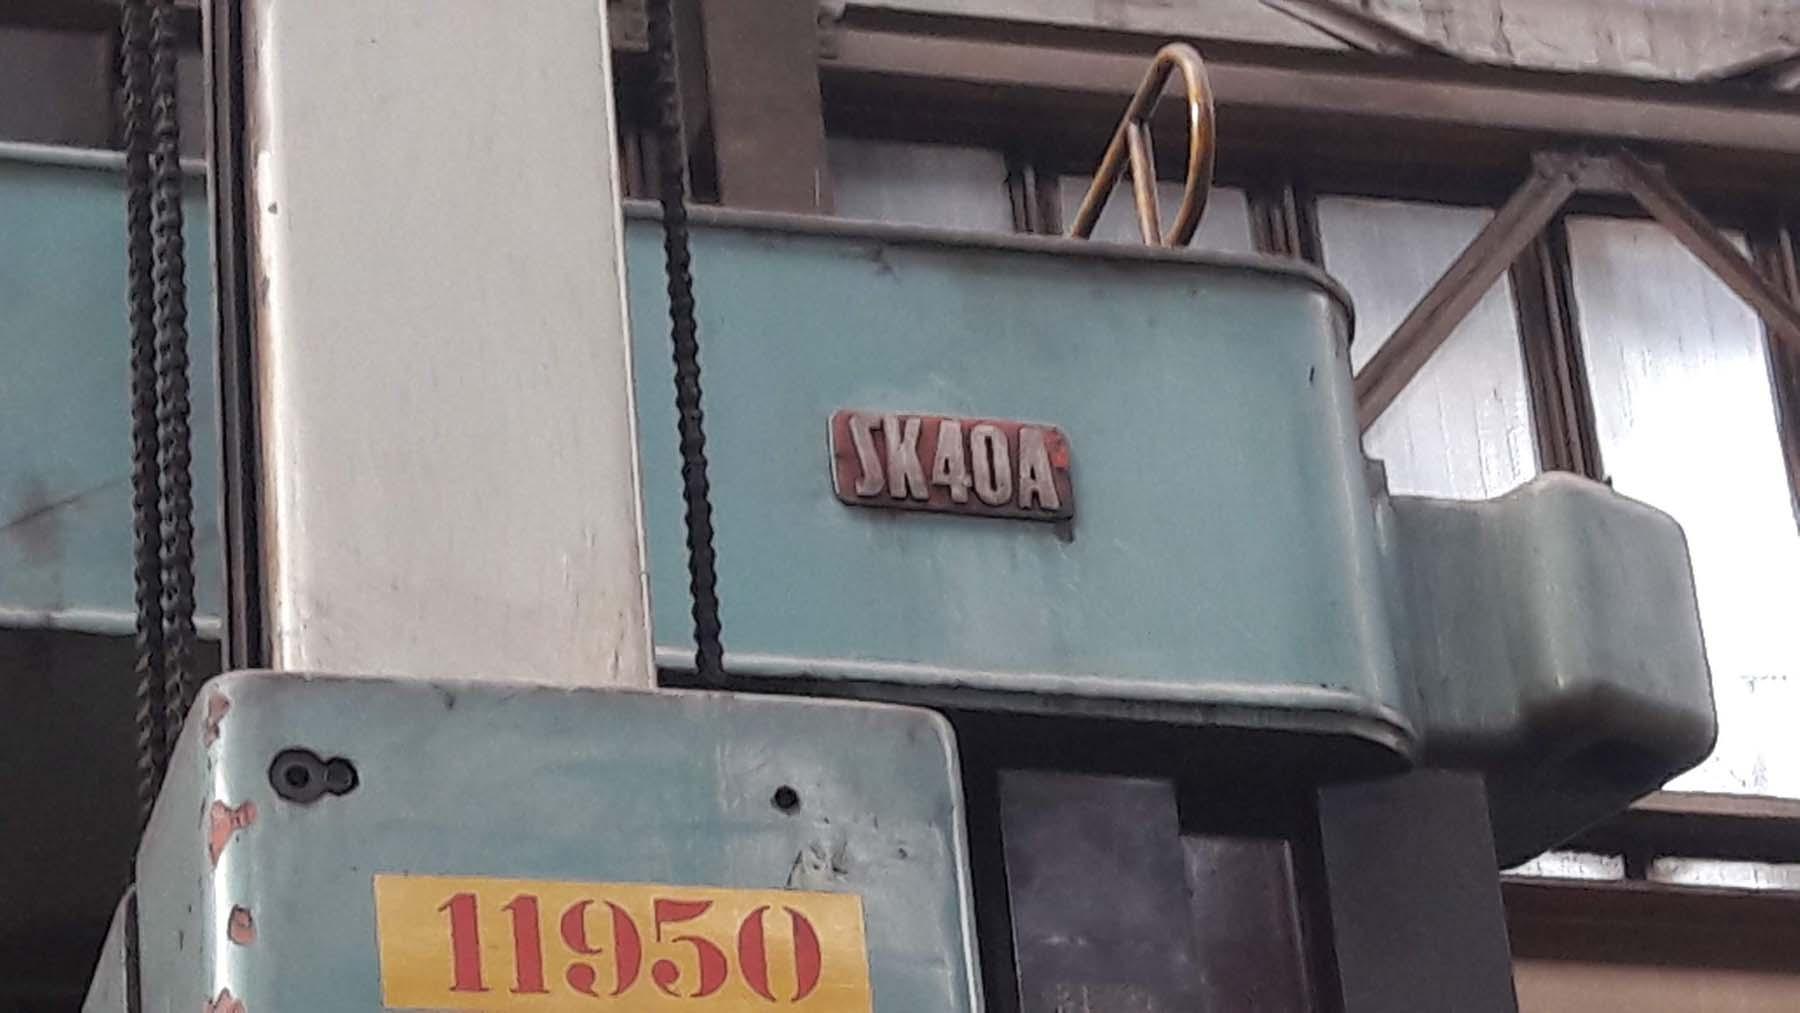 5072-sk40a.02